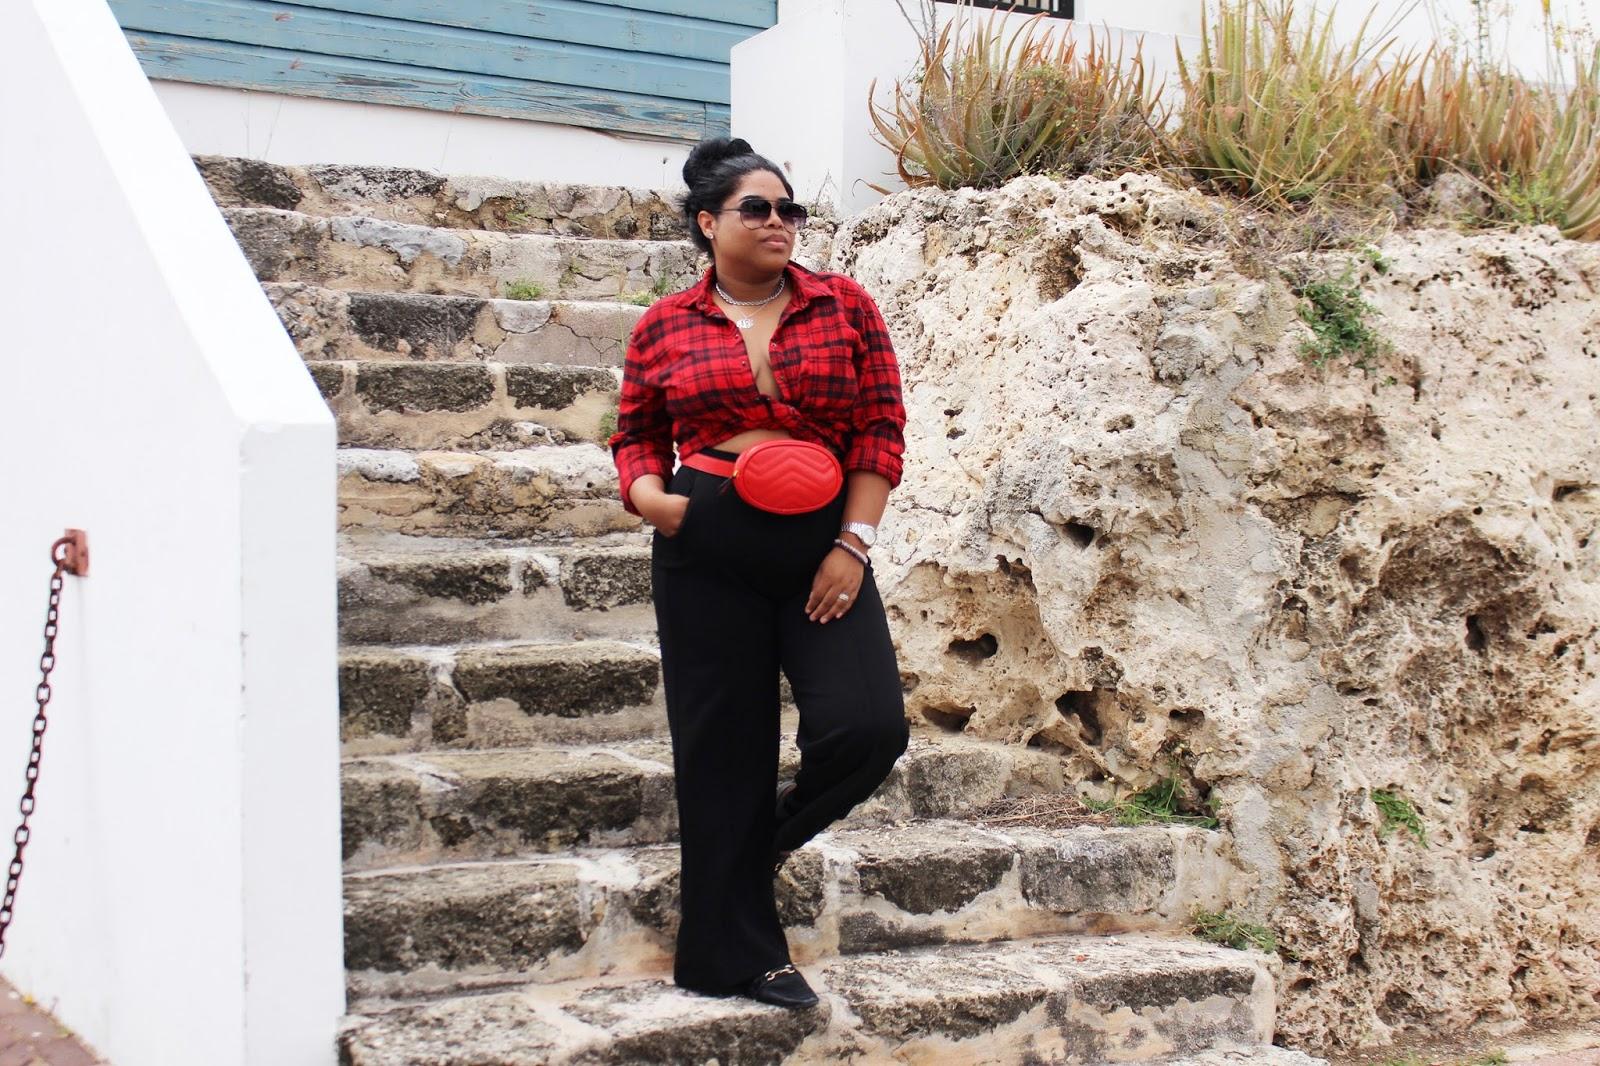 quay australia, belt bag, gucci, new look, bershka, black blogger, curacao